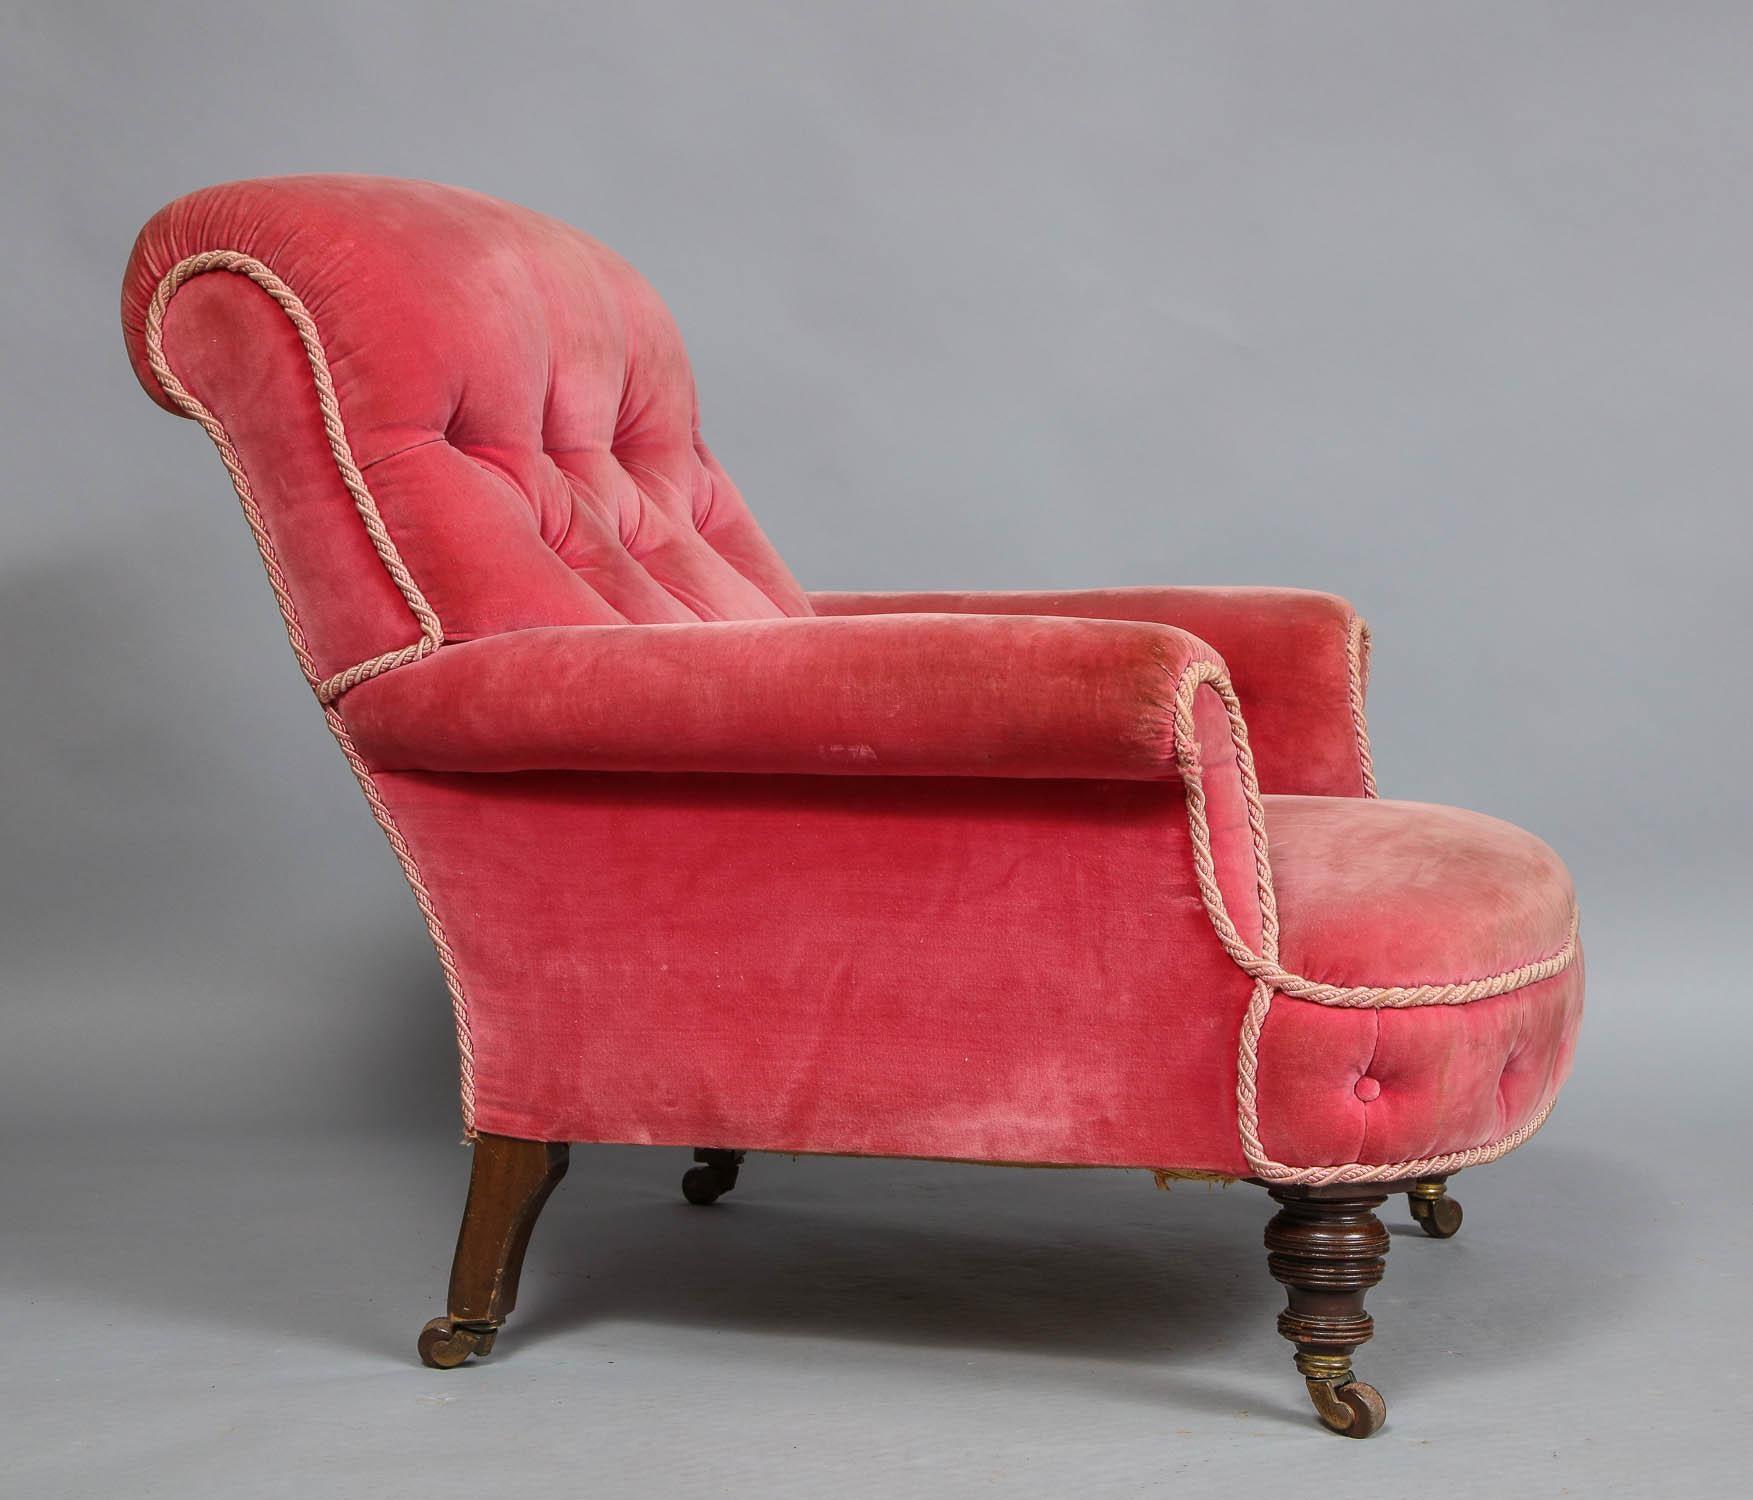 Edwardian English Club Chair For Sale